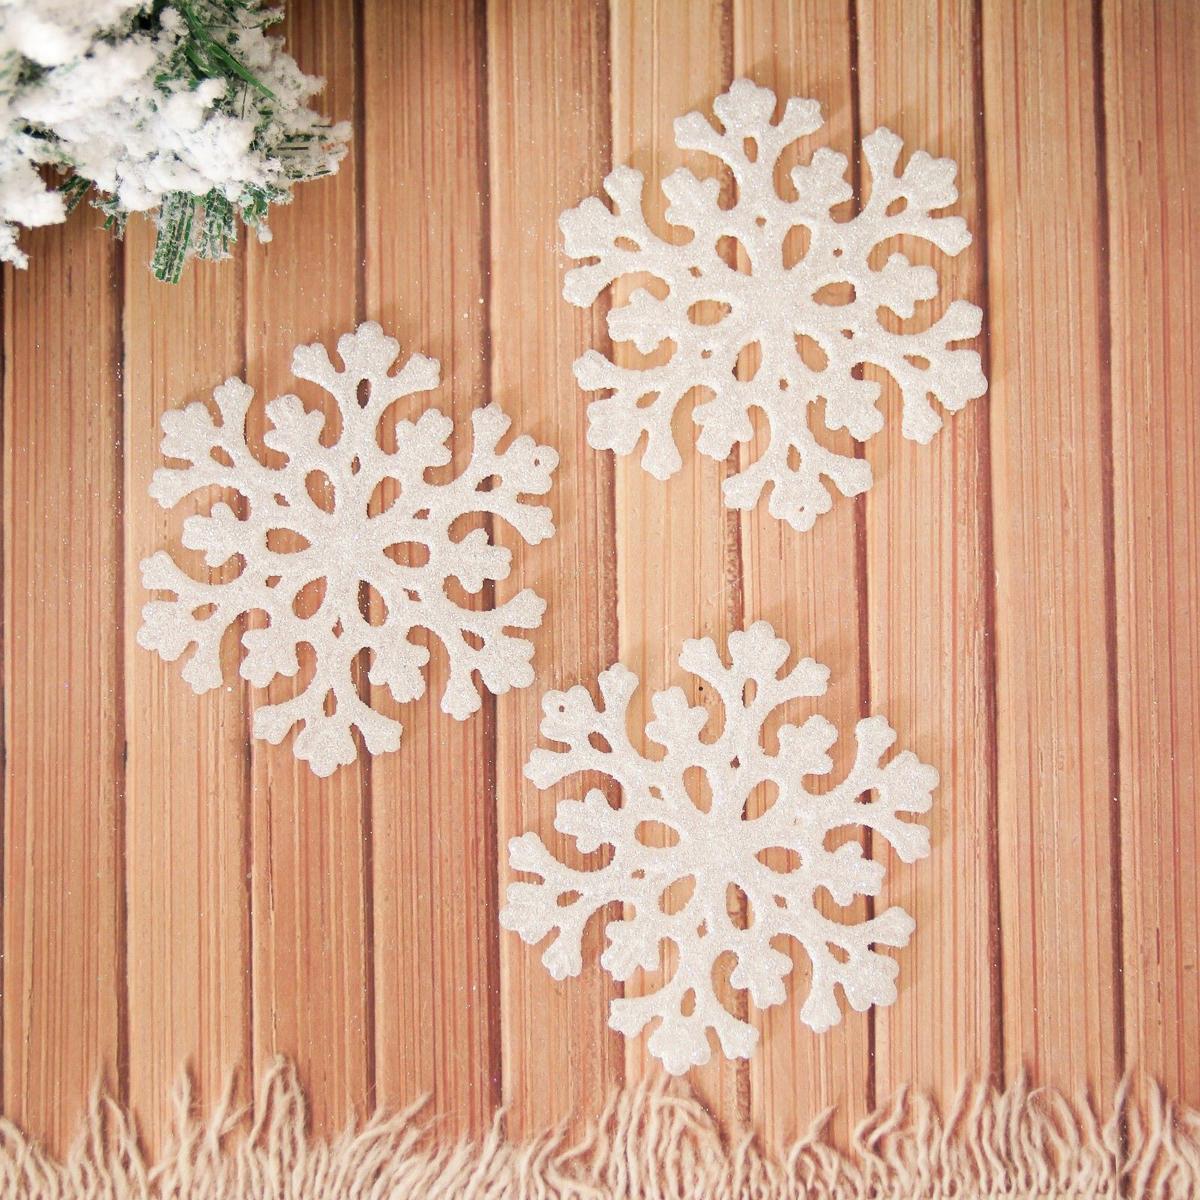 Набор новогодних подвесных украшений Снежинка, диаметр 11 см, 6 шт2155357Набор новогодних подвесных украшений отлично подойдет для декорации вашего дома и новогодней ели. С помощью специальной петельки украшение можно повесить в любом понравившемся вам месте. Но, конечно, удачнее всего оно будет смотреться на праздничной елке.Елочная игрушка - символ Нового года. Она несет в себе волшебство и красоту праздника. Такое украшение создаст в вашем доме атмосферу праздника, веселья и радости.